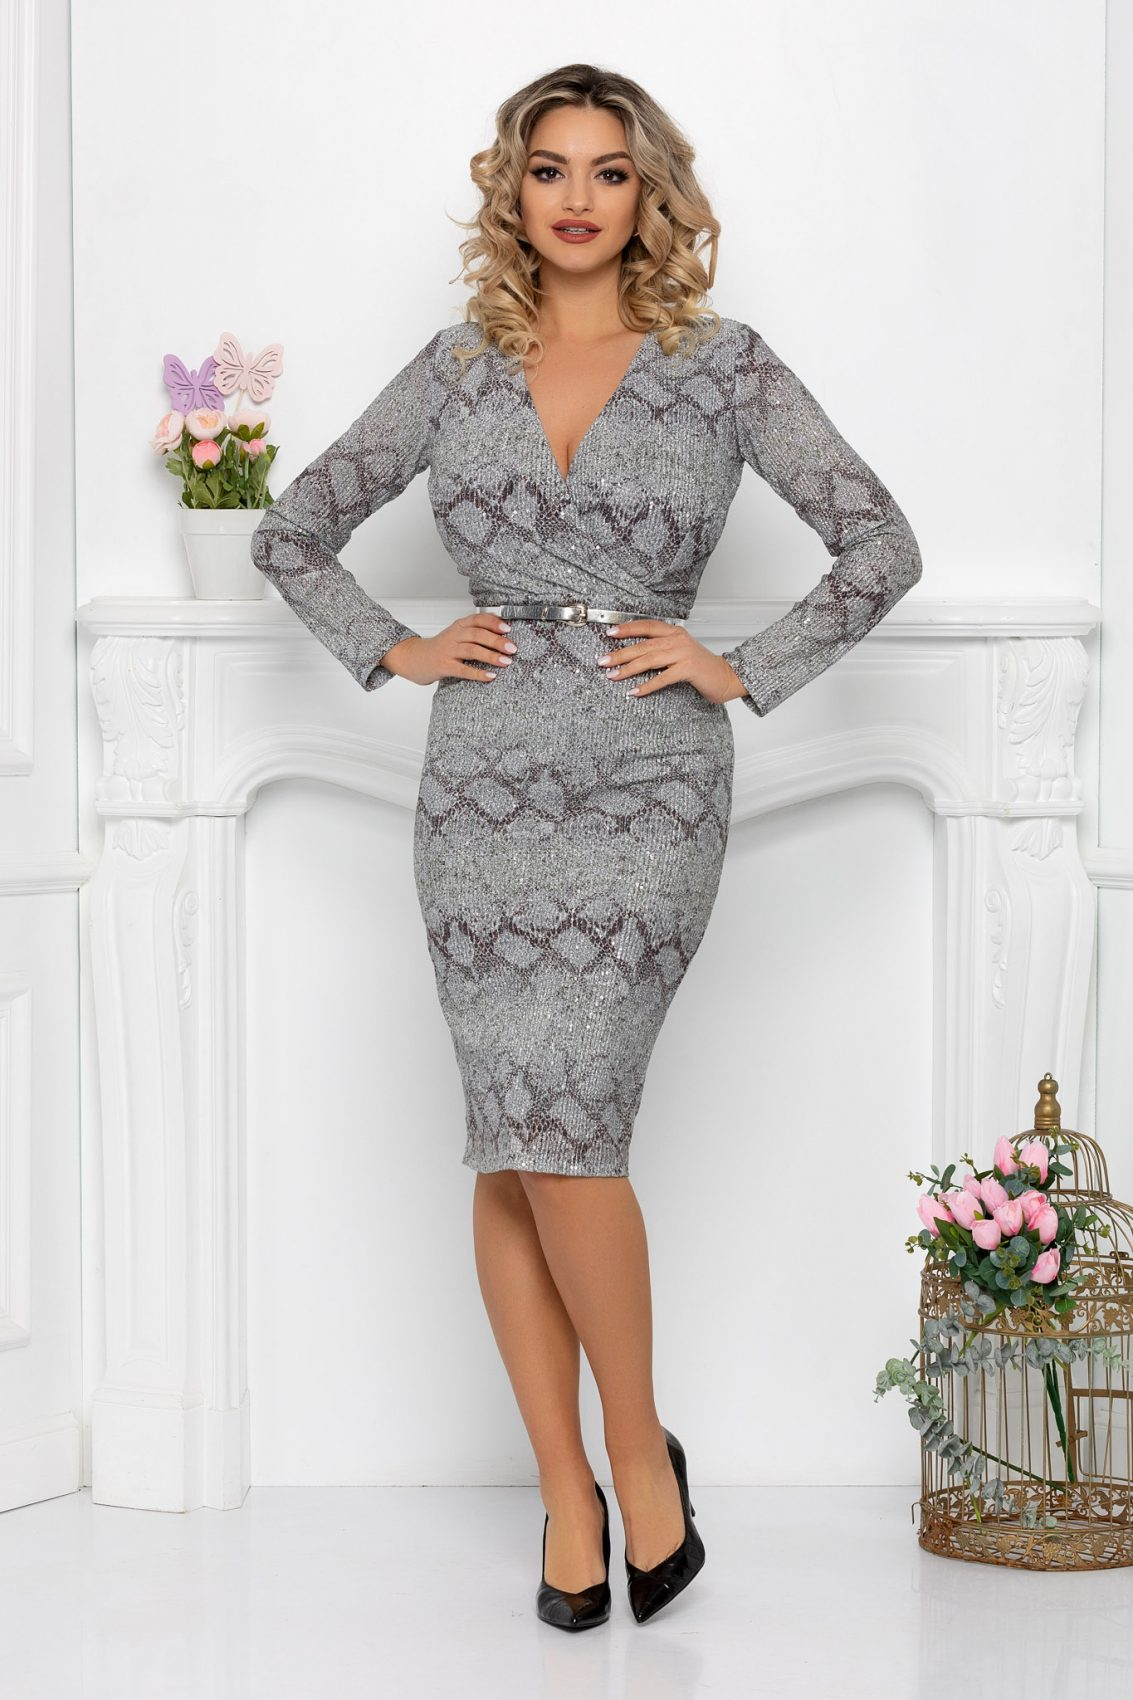 Ασημί Μίντι Φόρεμα Κρουαζέ Alline 9394 1